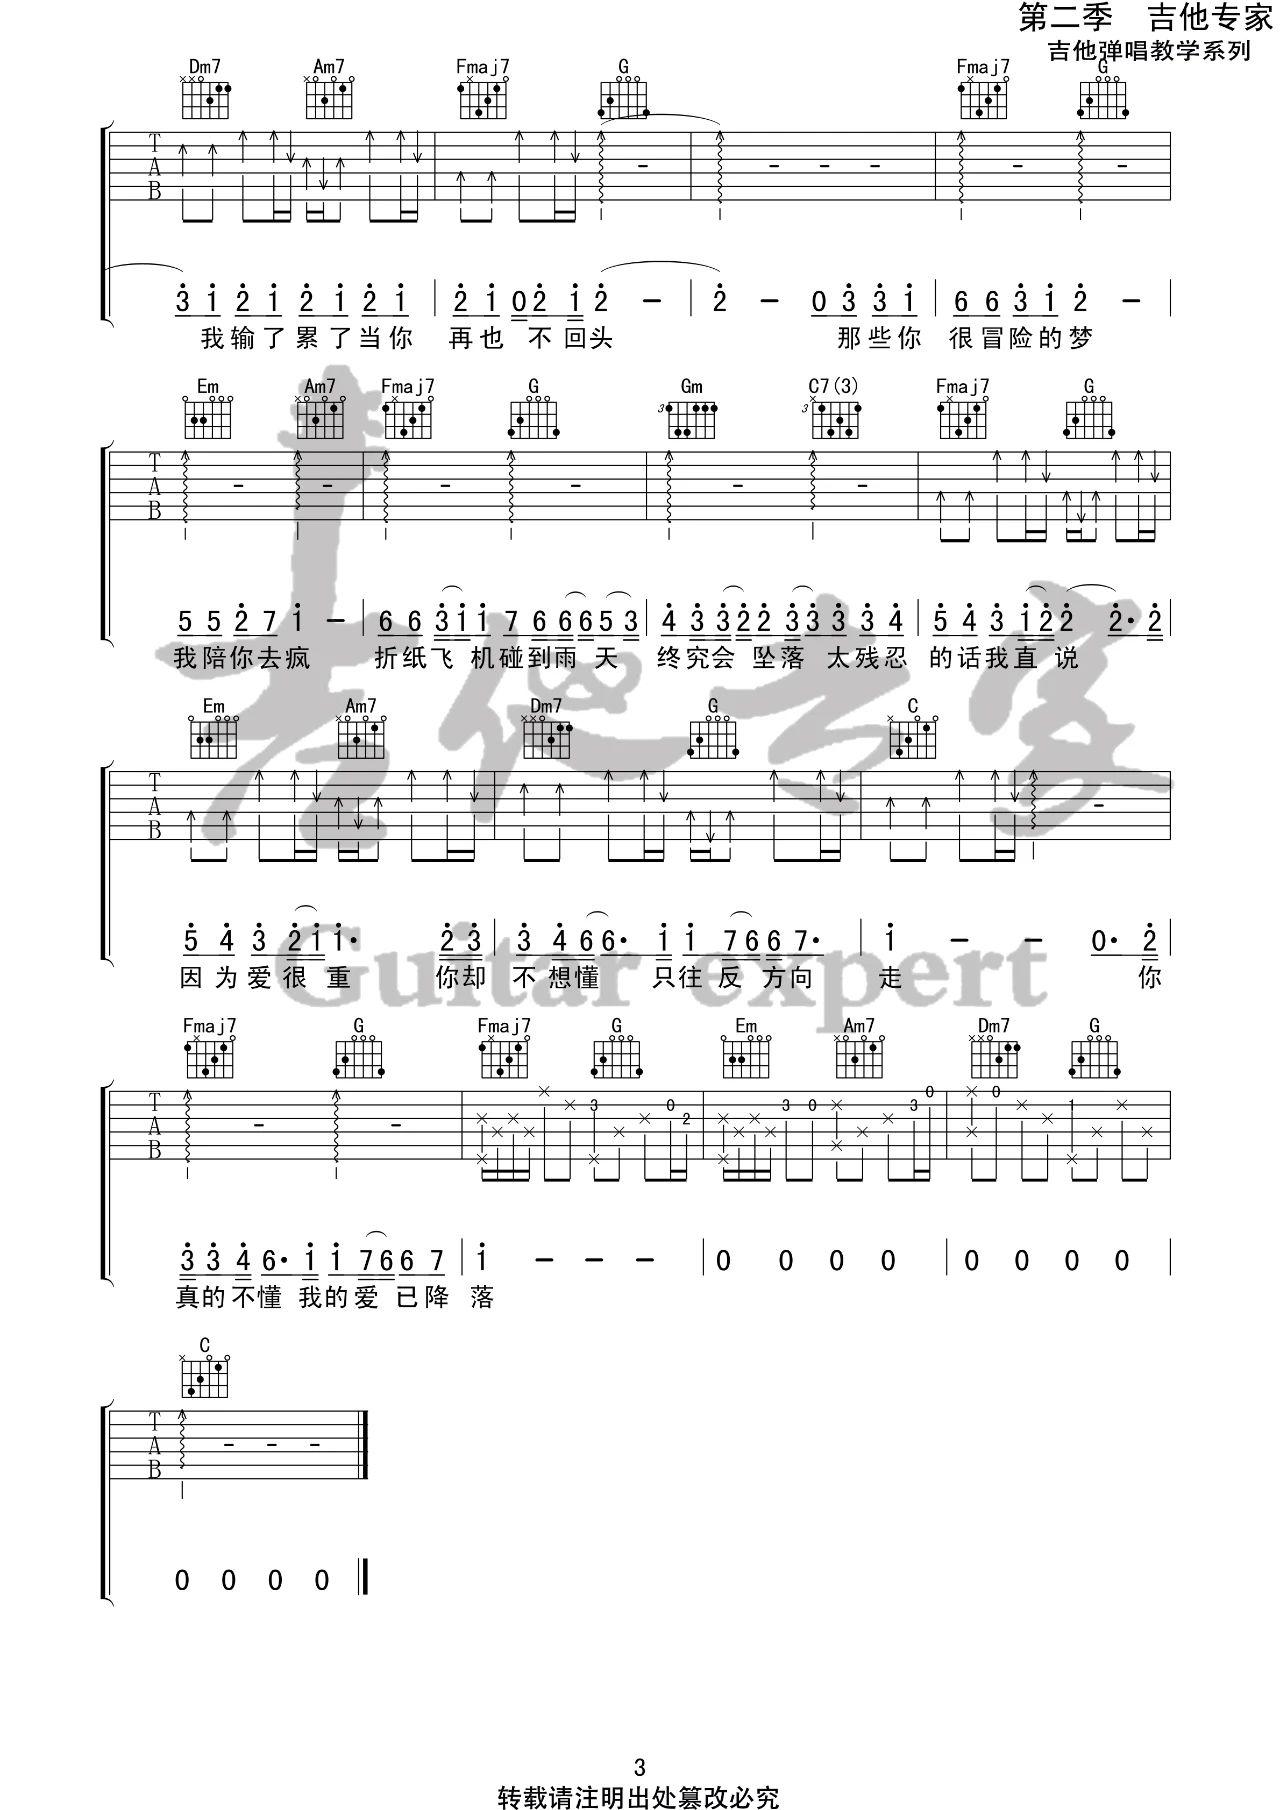 吉他派《那些你很冒险的梦》吉他谱吉他专家版-3